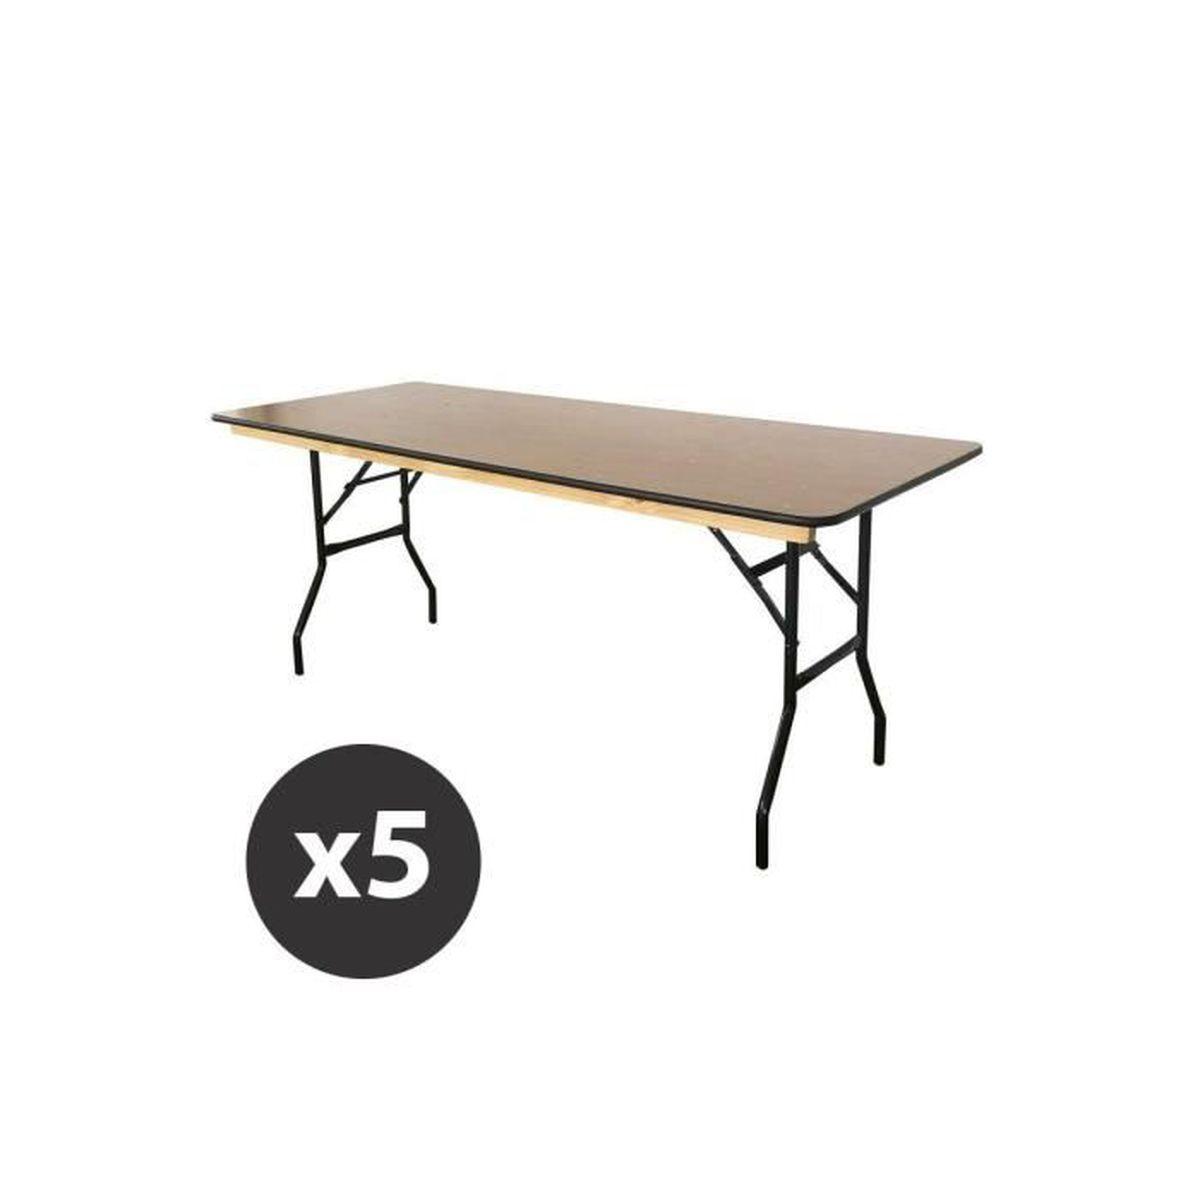 Table pliante en bois 6 cm - Lot de 6 tables - Achat / Vente